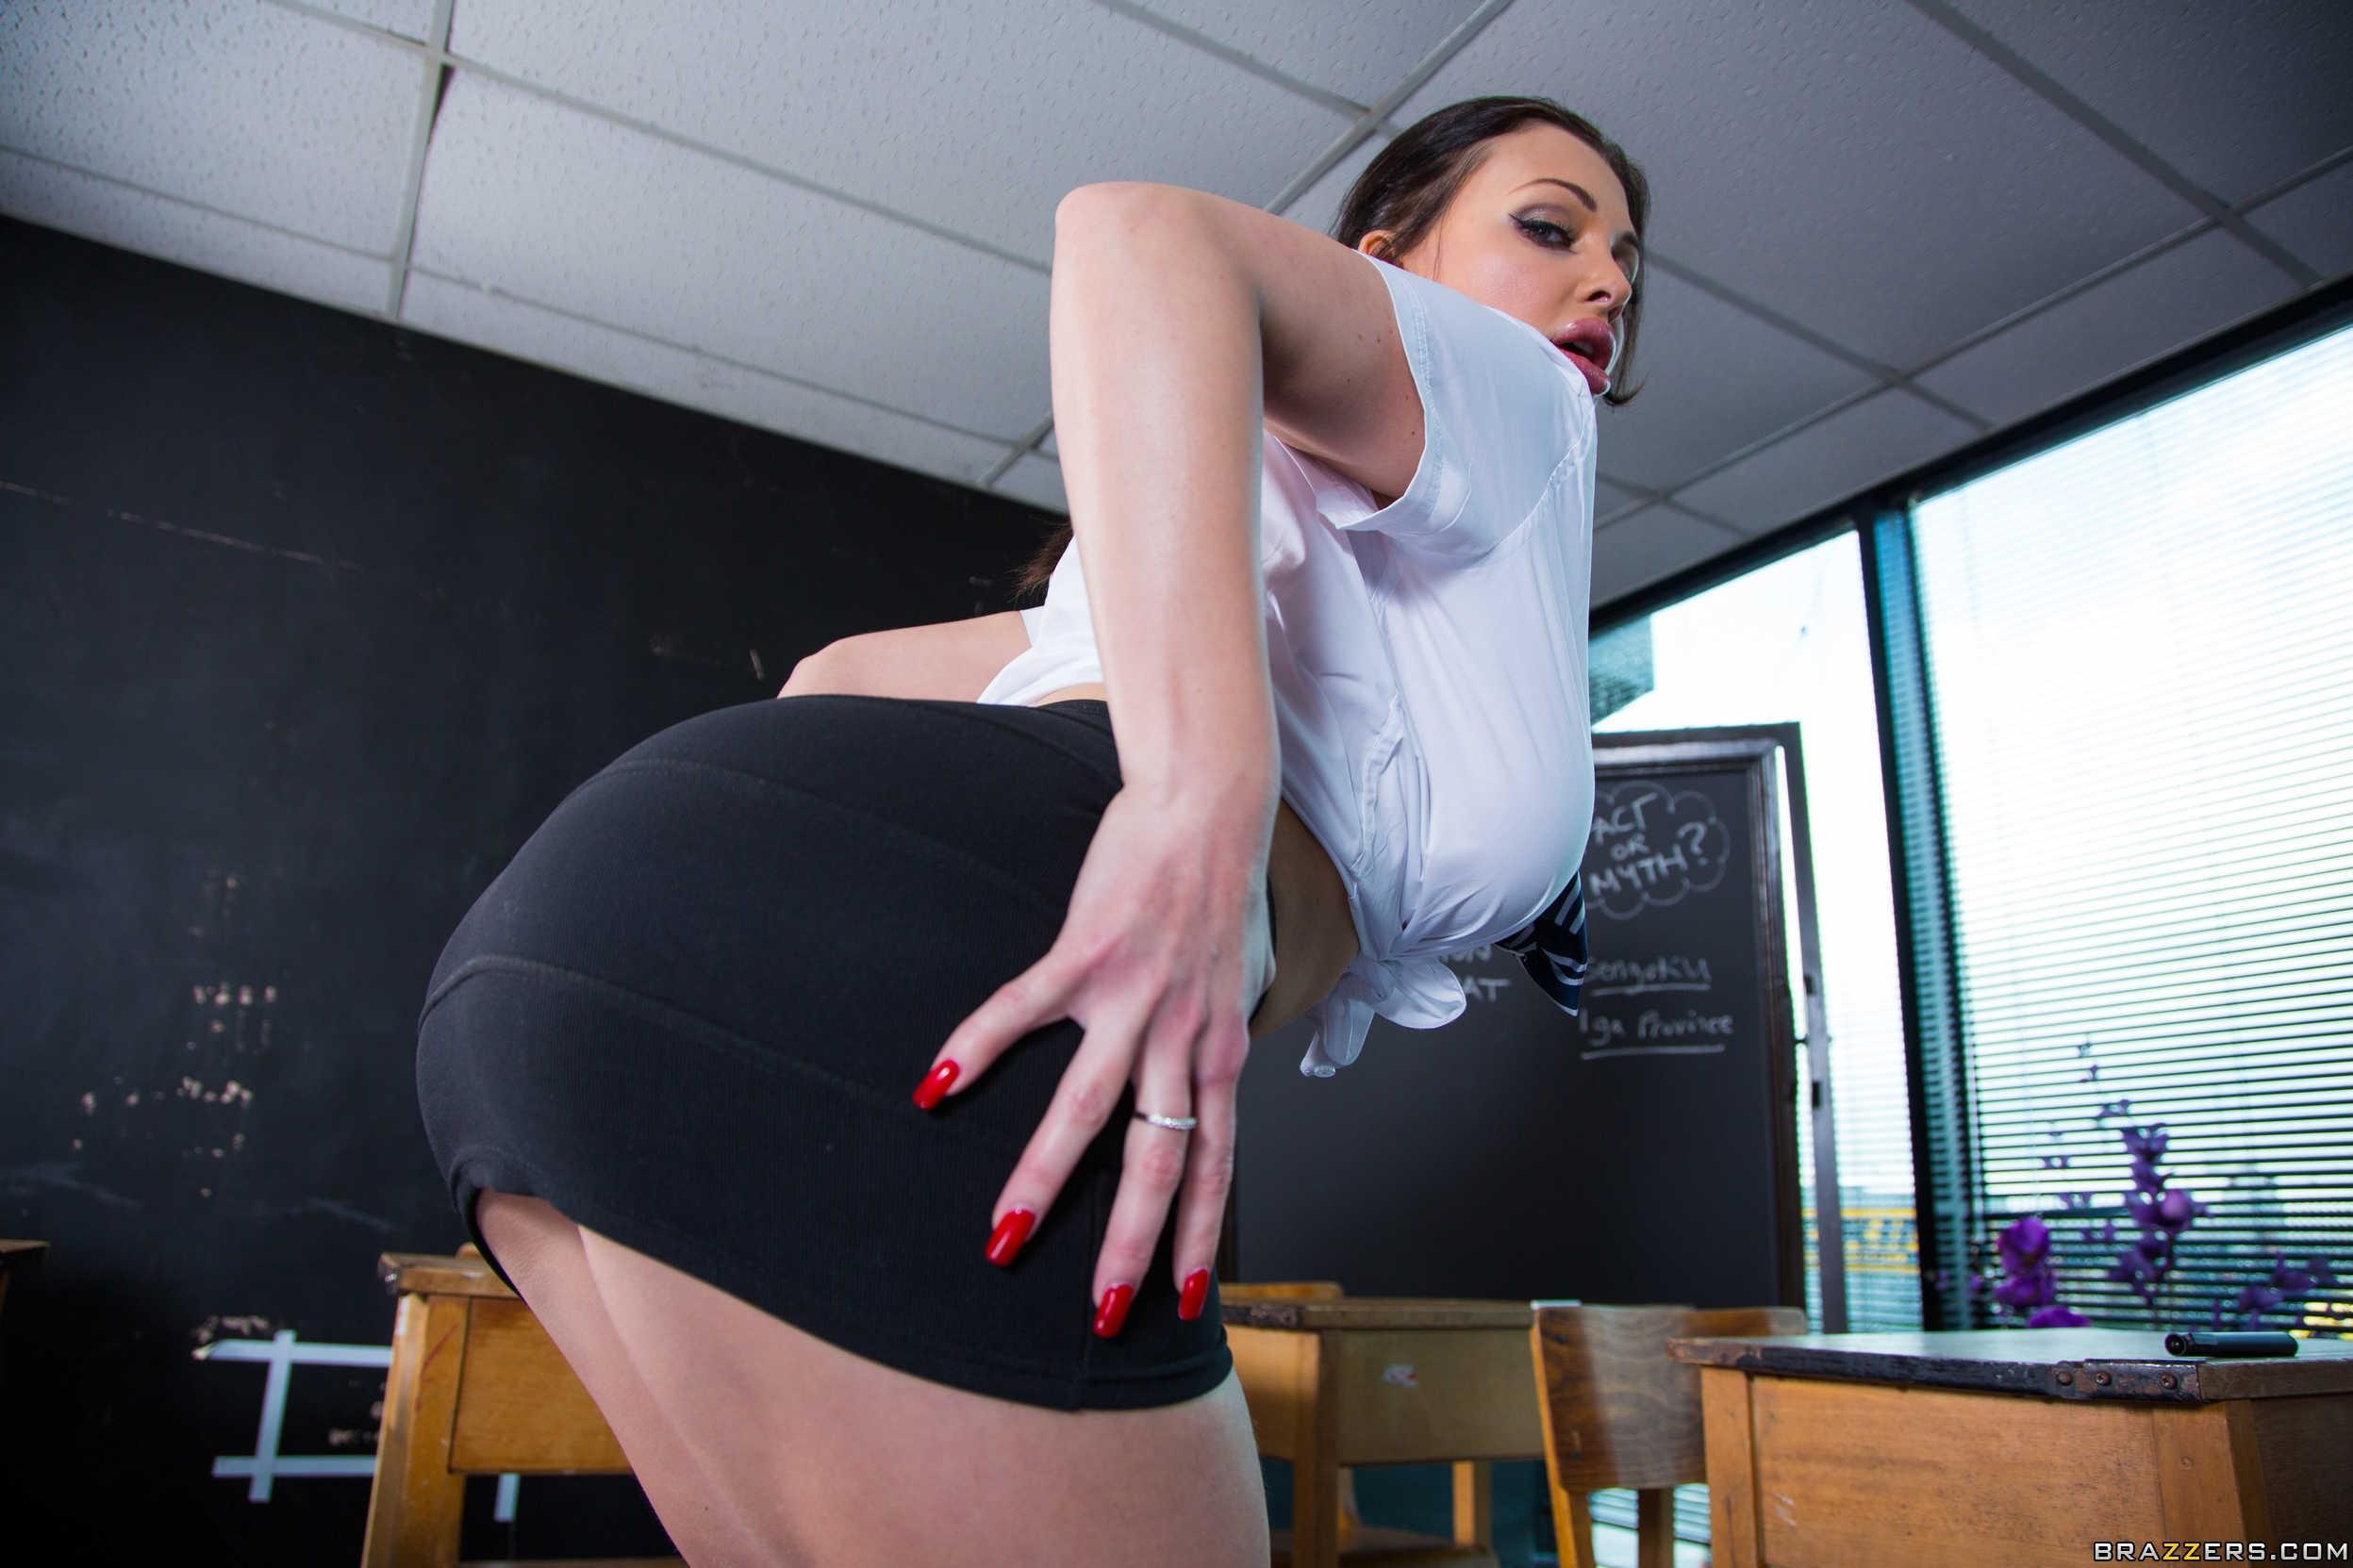 juicy pornstar